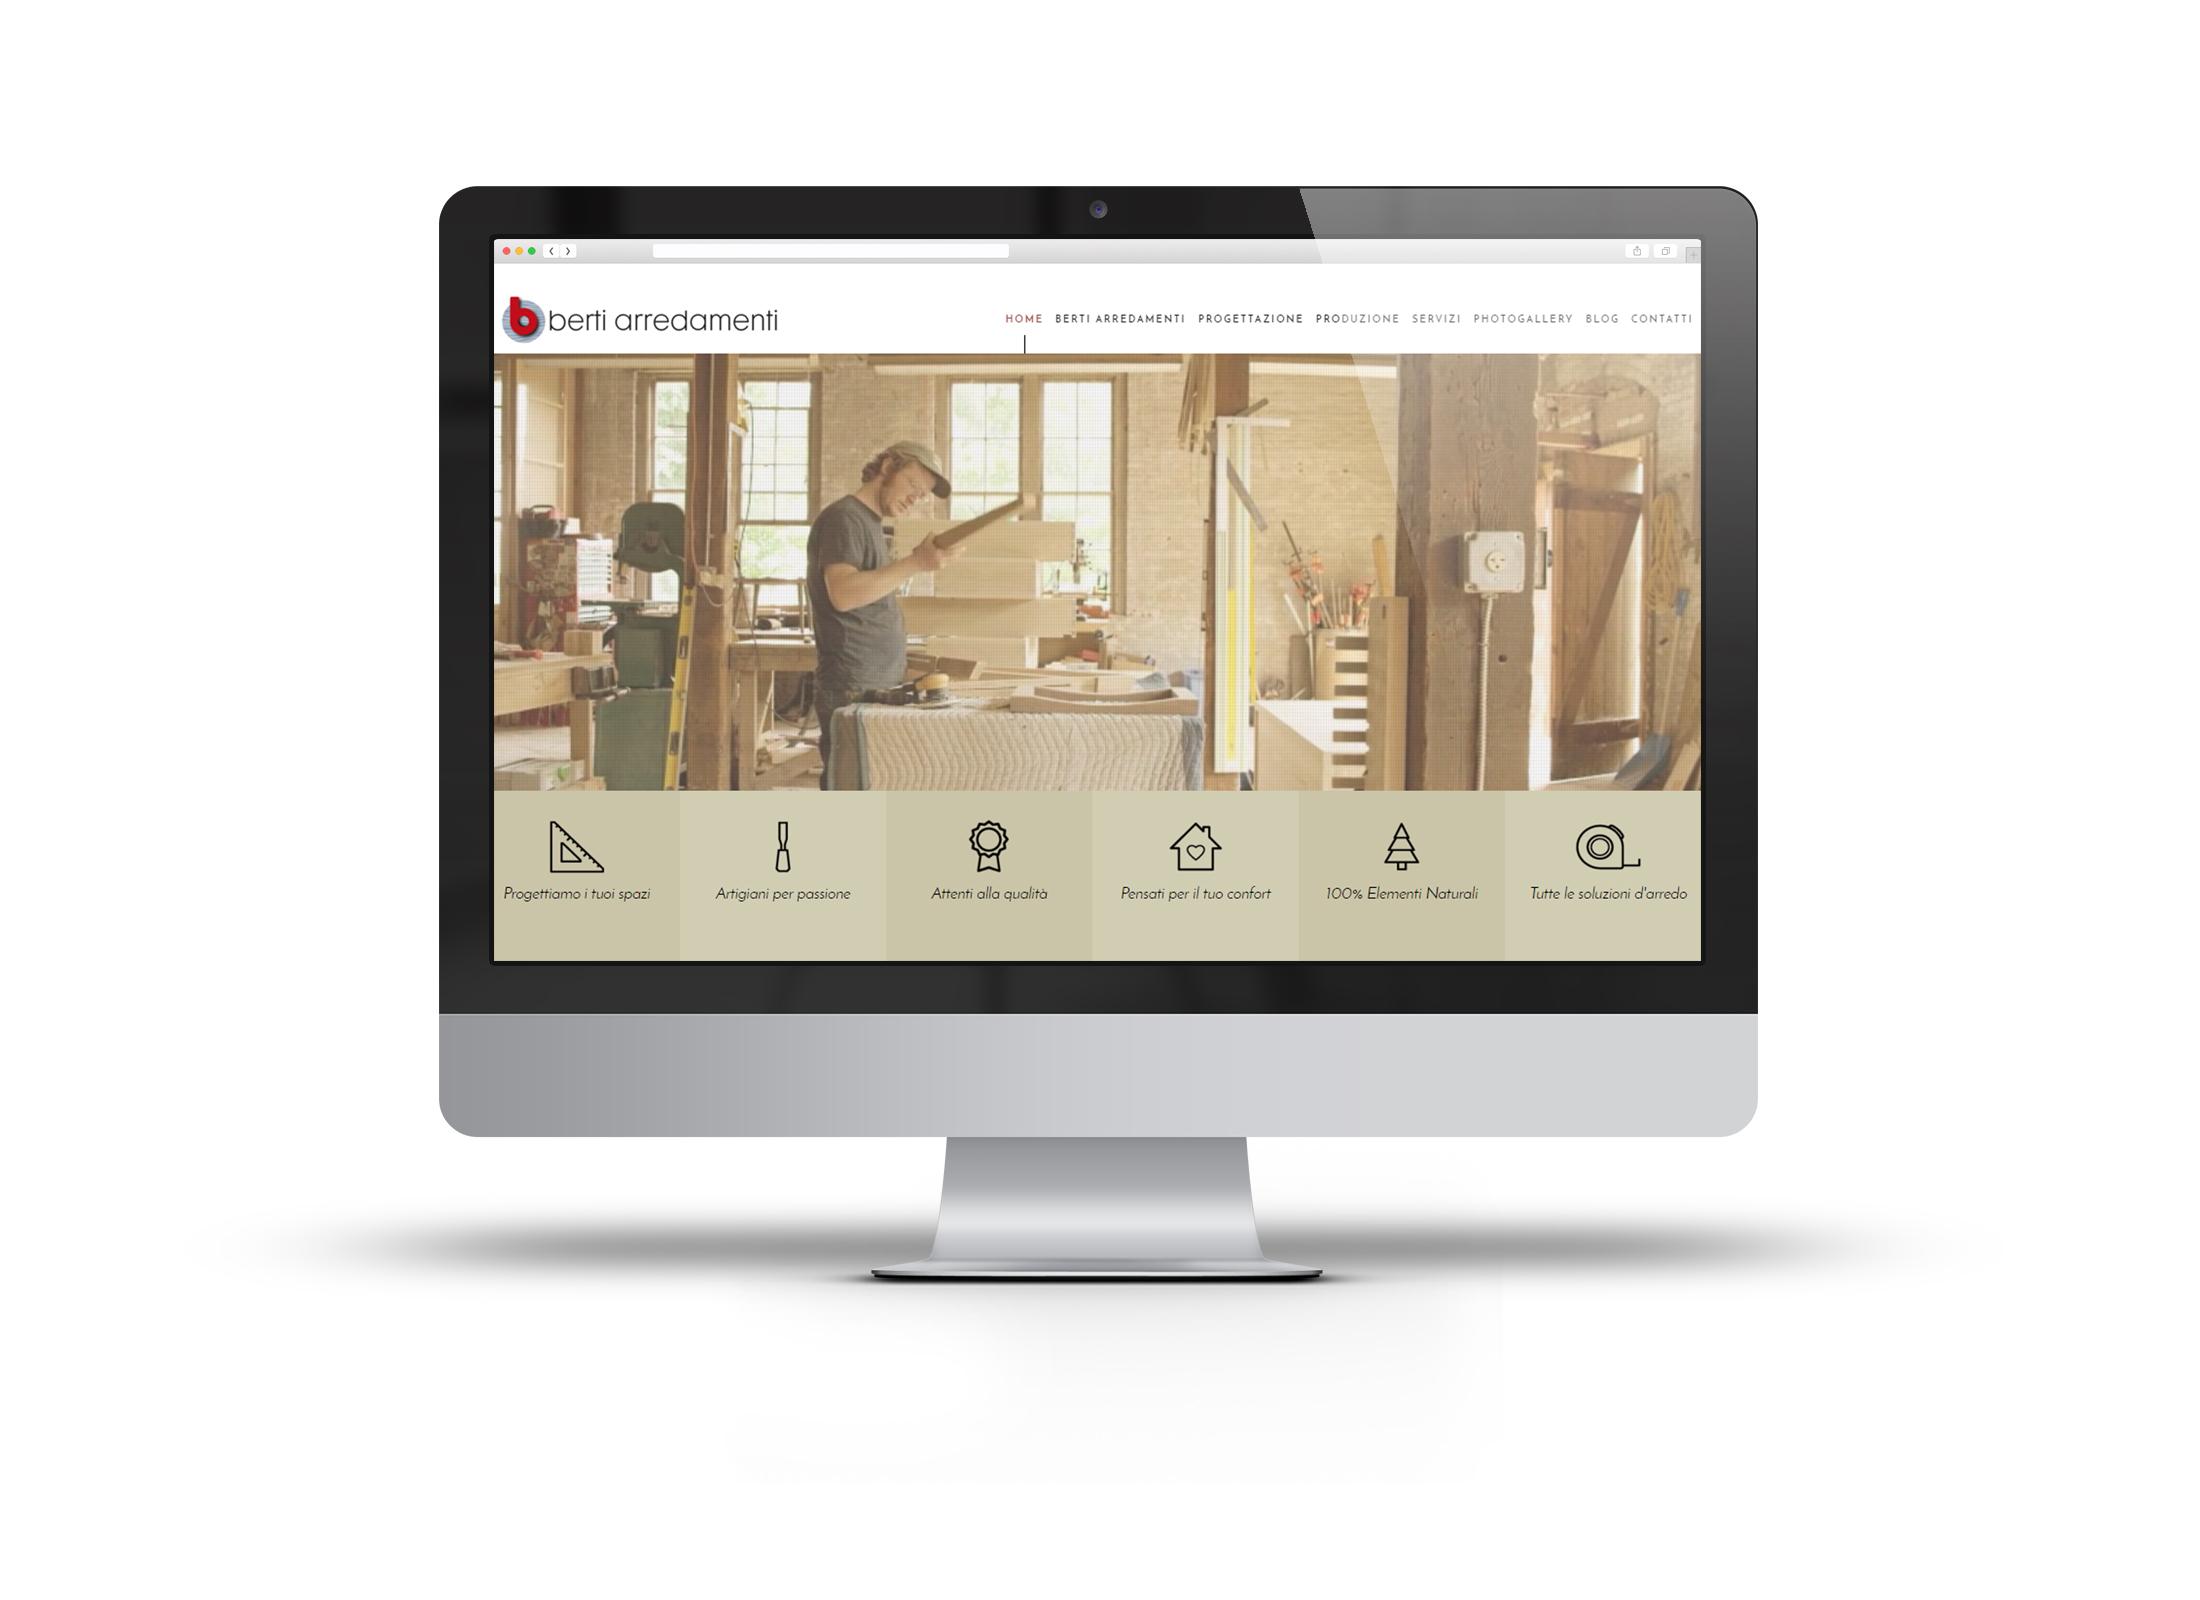 Soluzioni D Arredamento Cesena berti arredamenti sito web | studio leonardo | digital